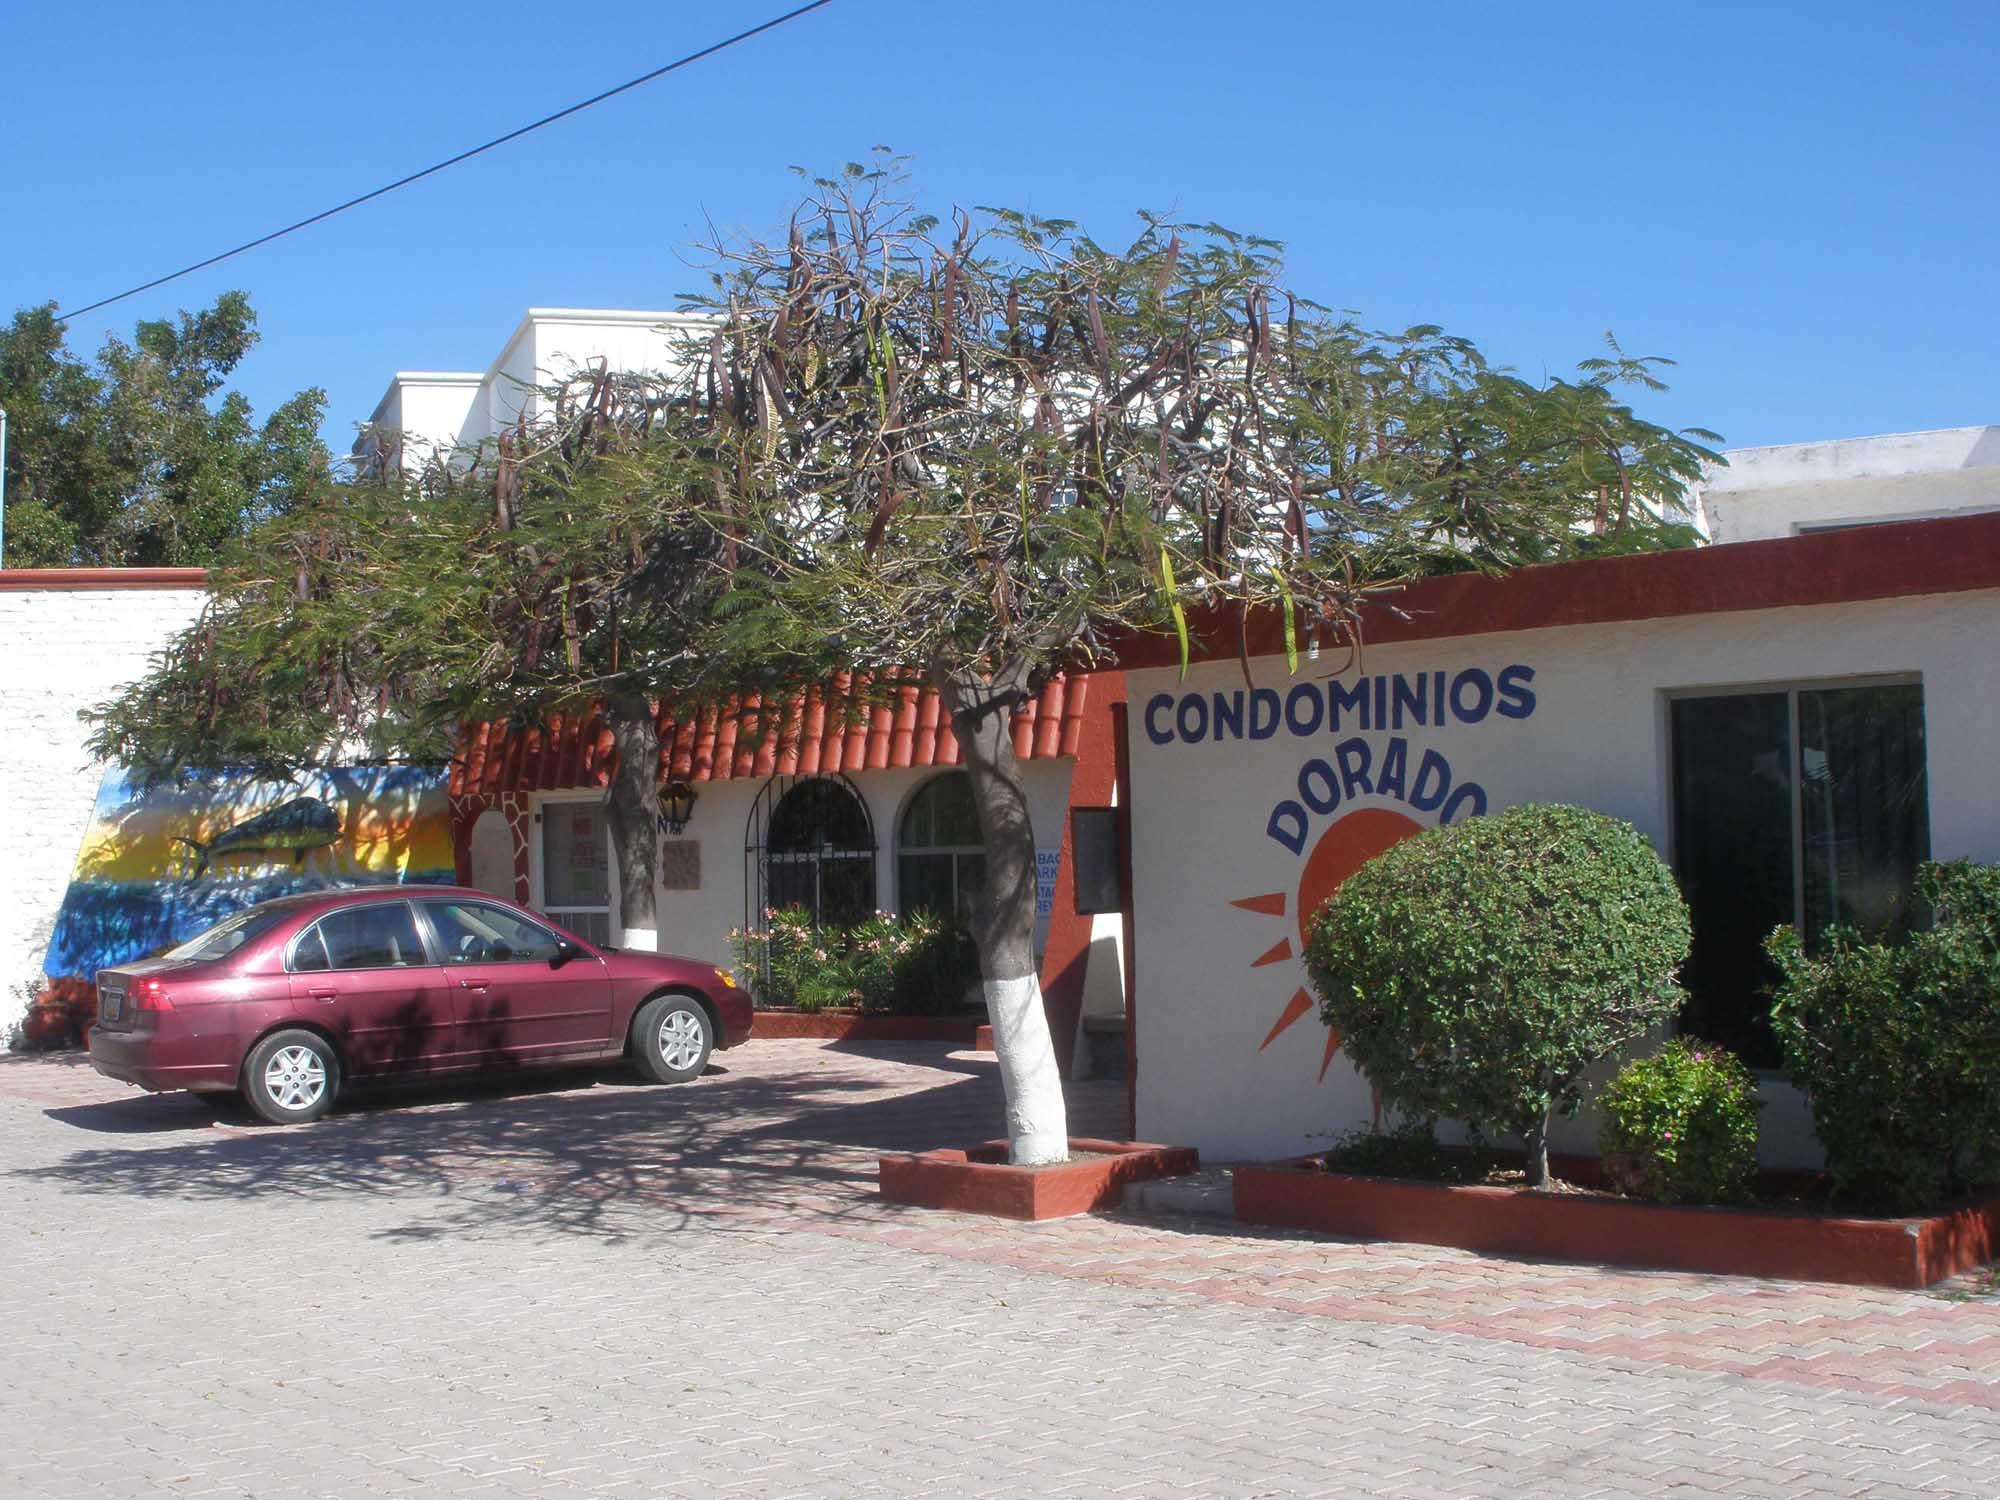 Dorado Condo San Carlos Hotel